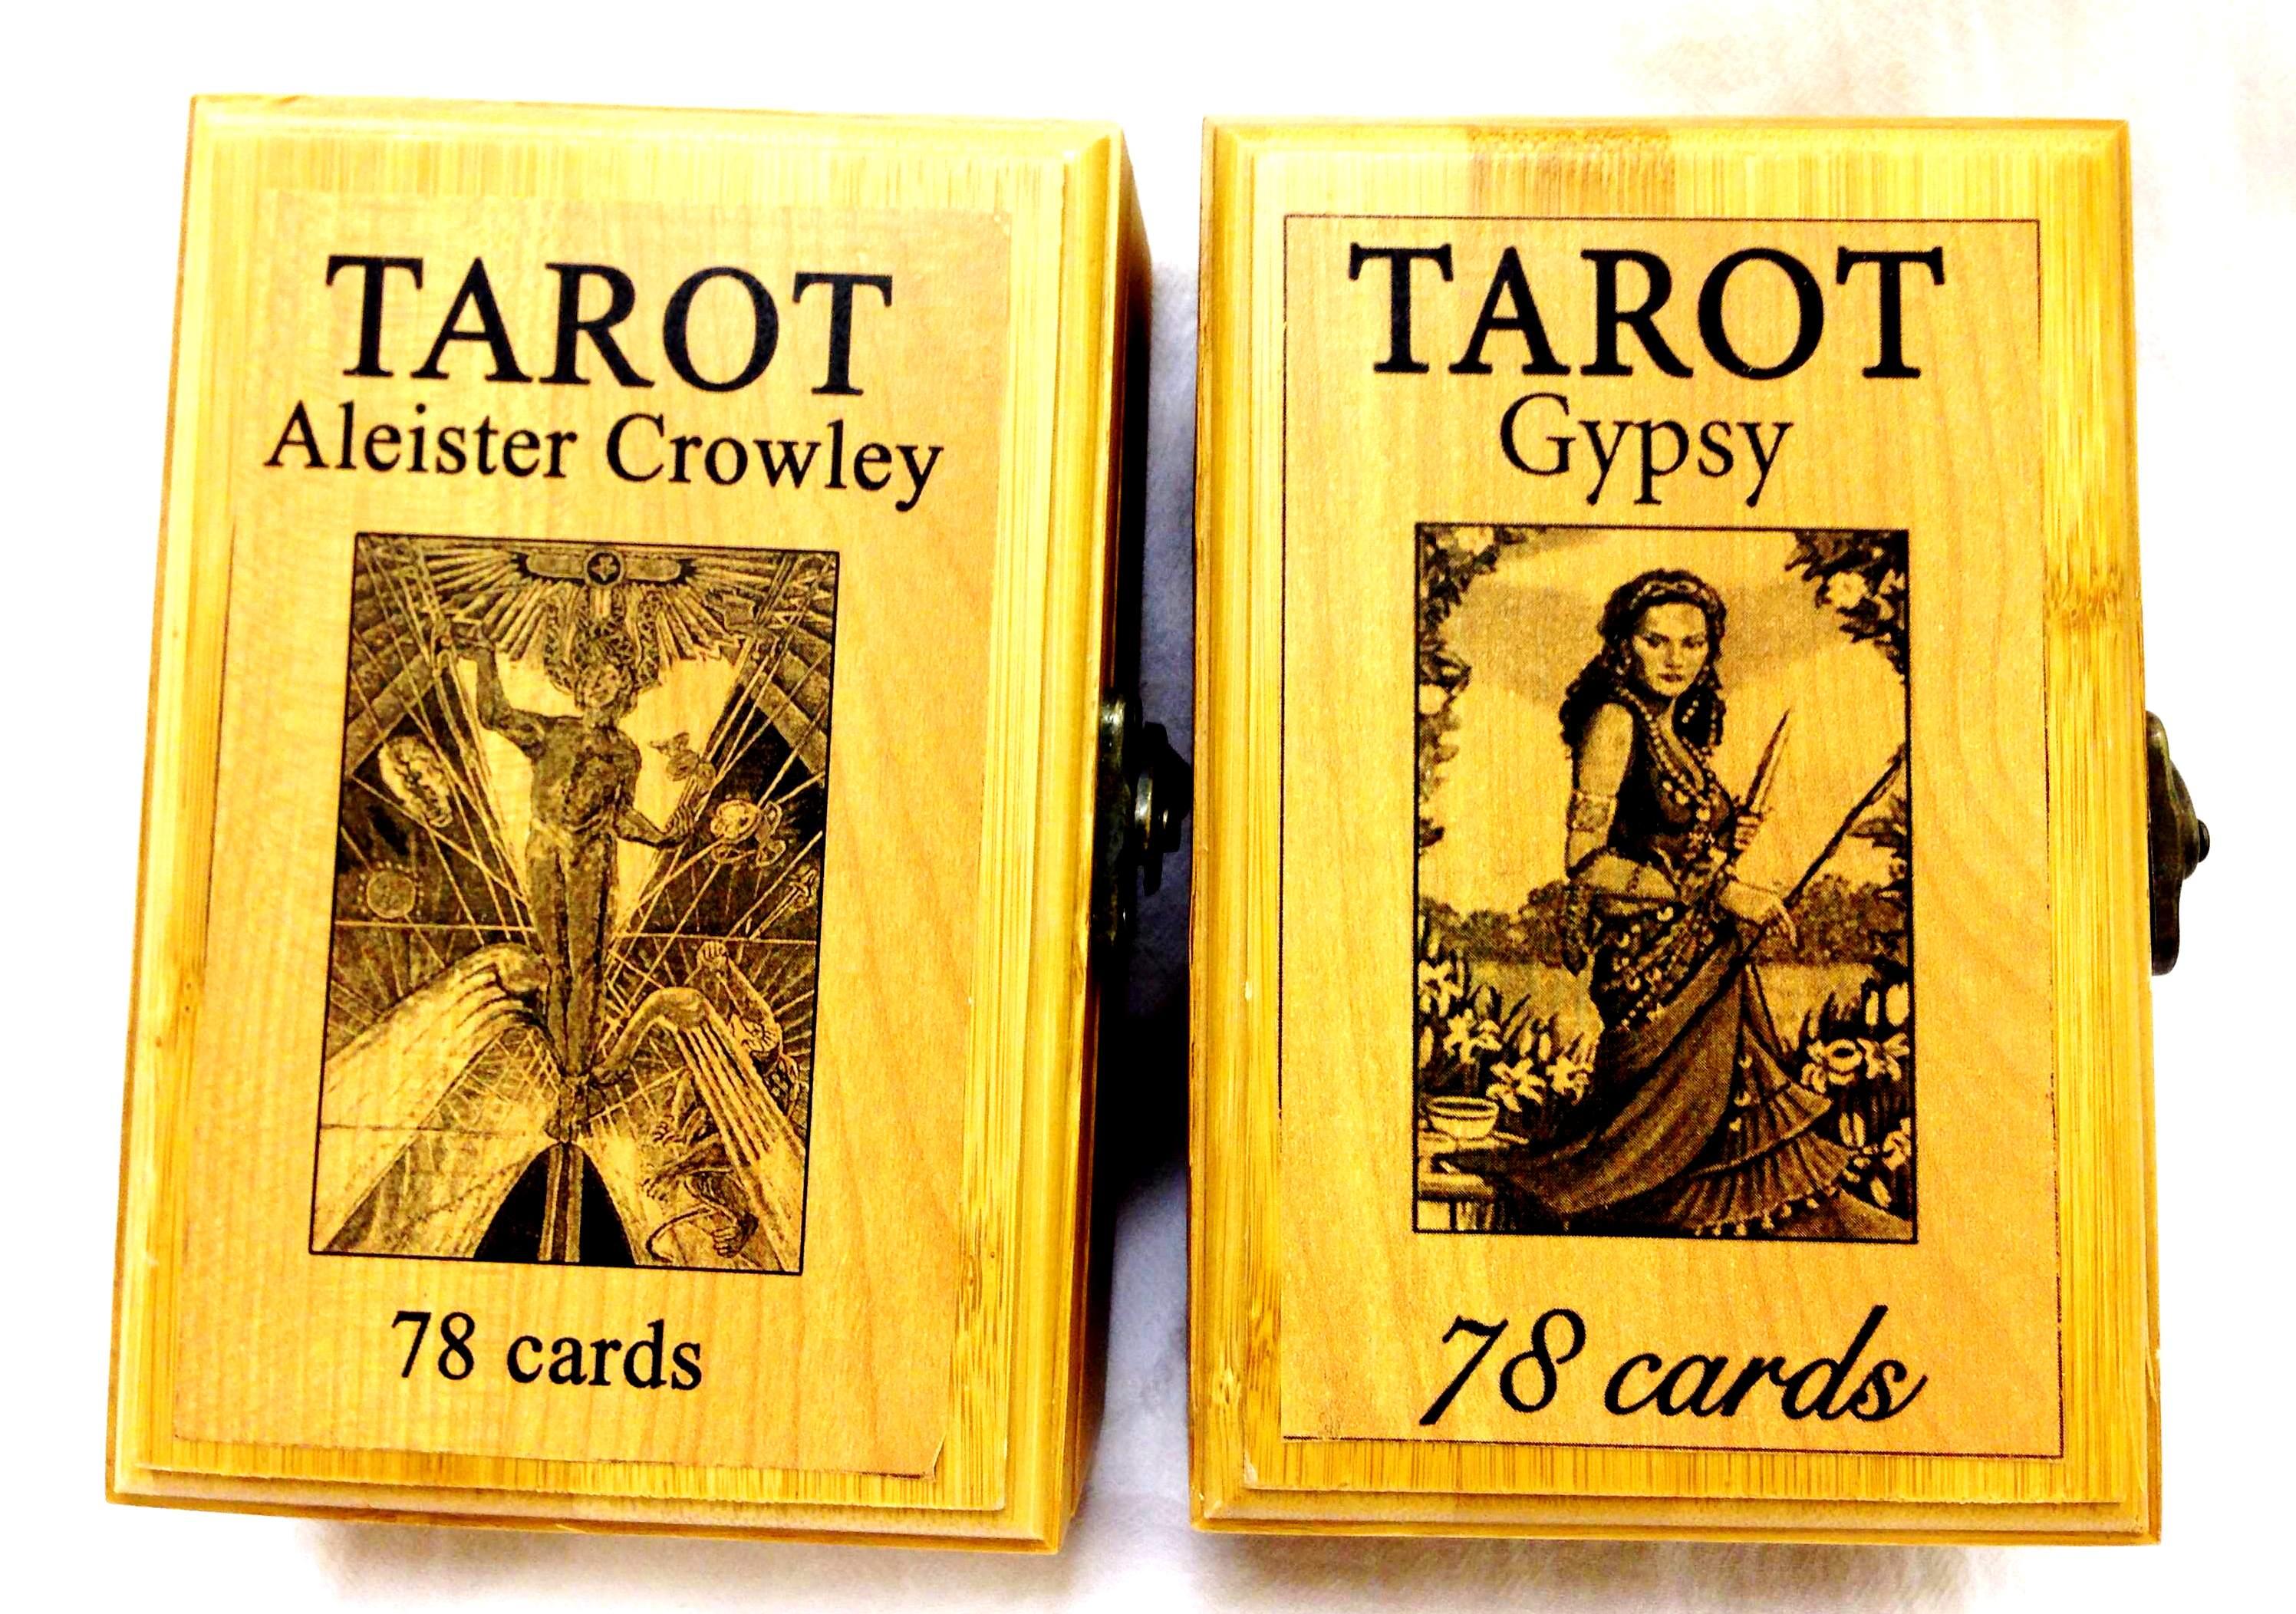 Коробка для карт Таро подарочная дерево (Коробка для карт Таро подарочная дерево)